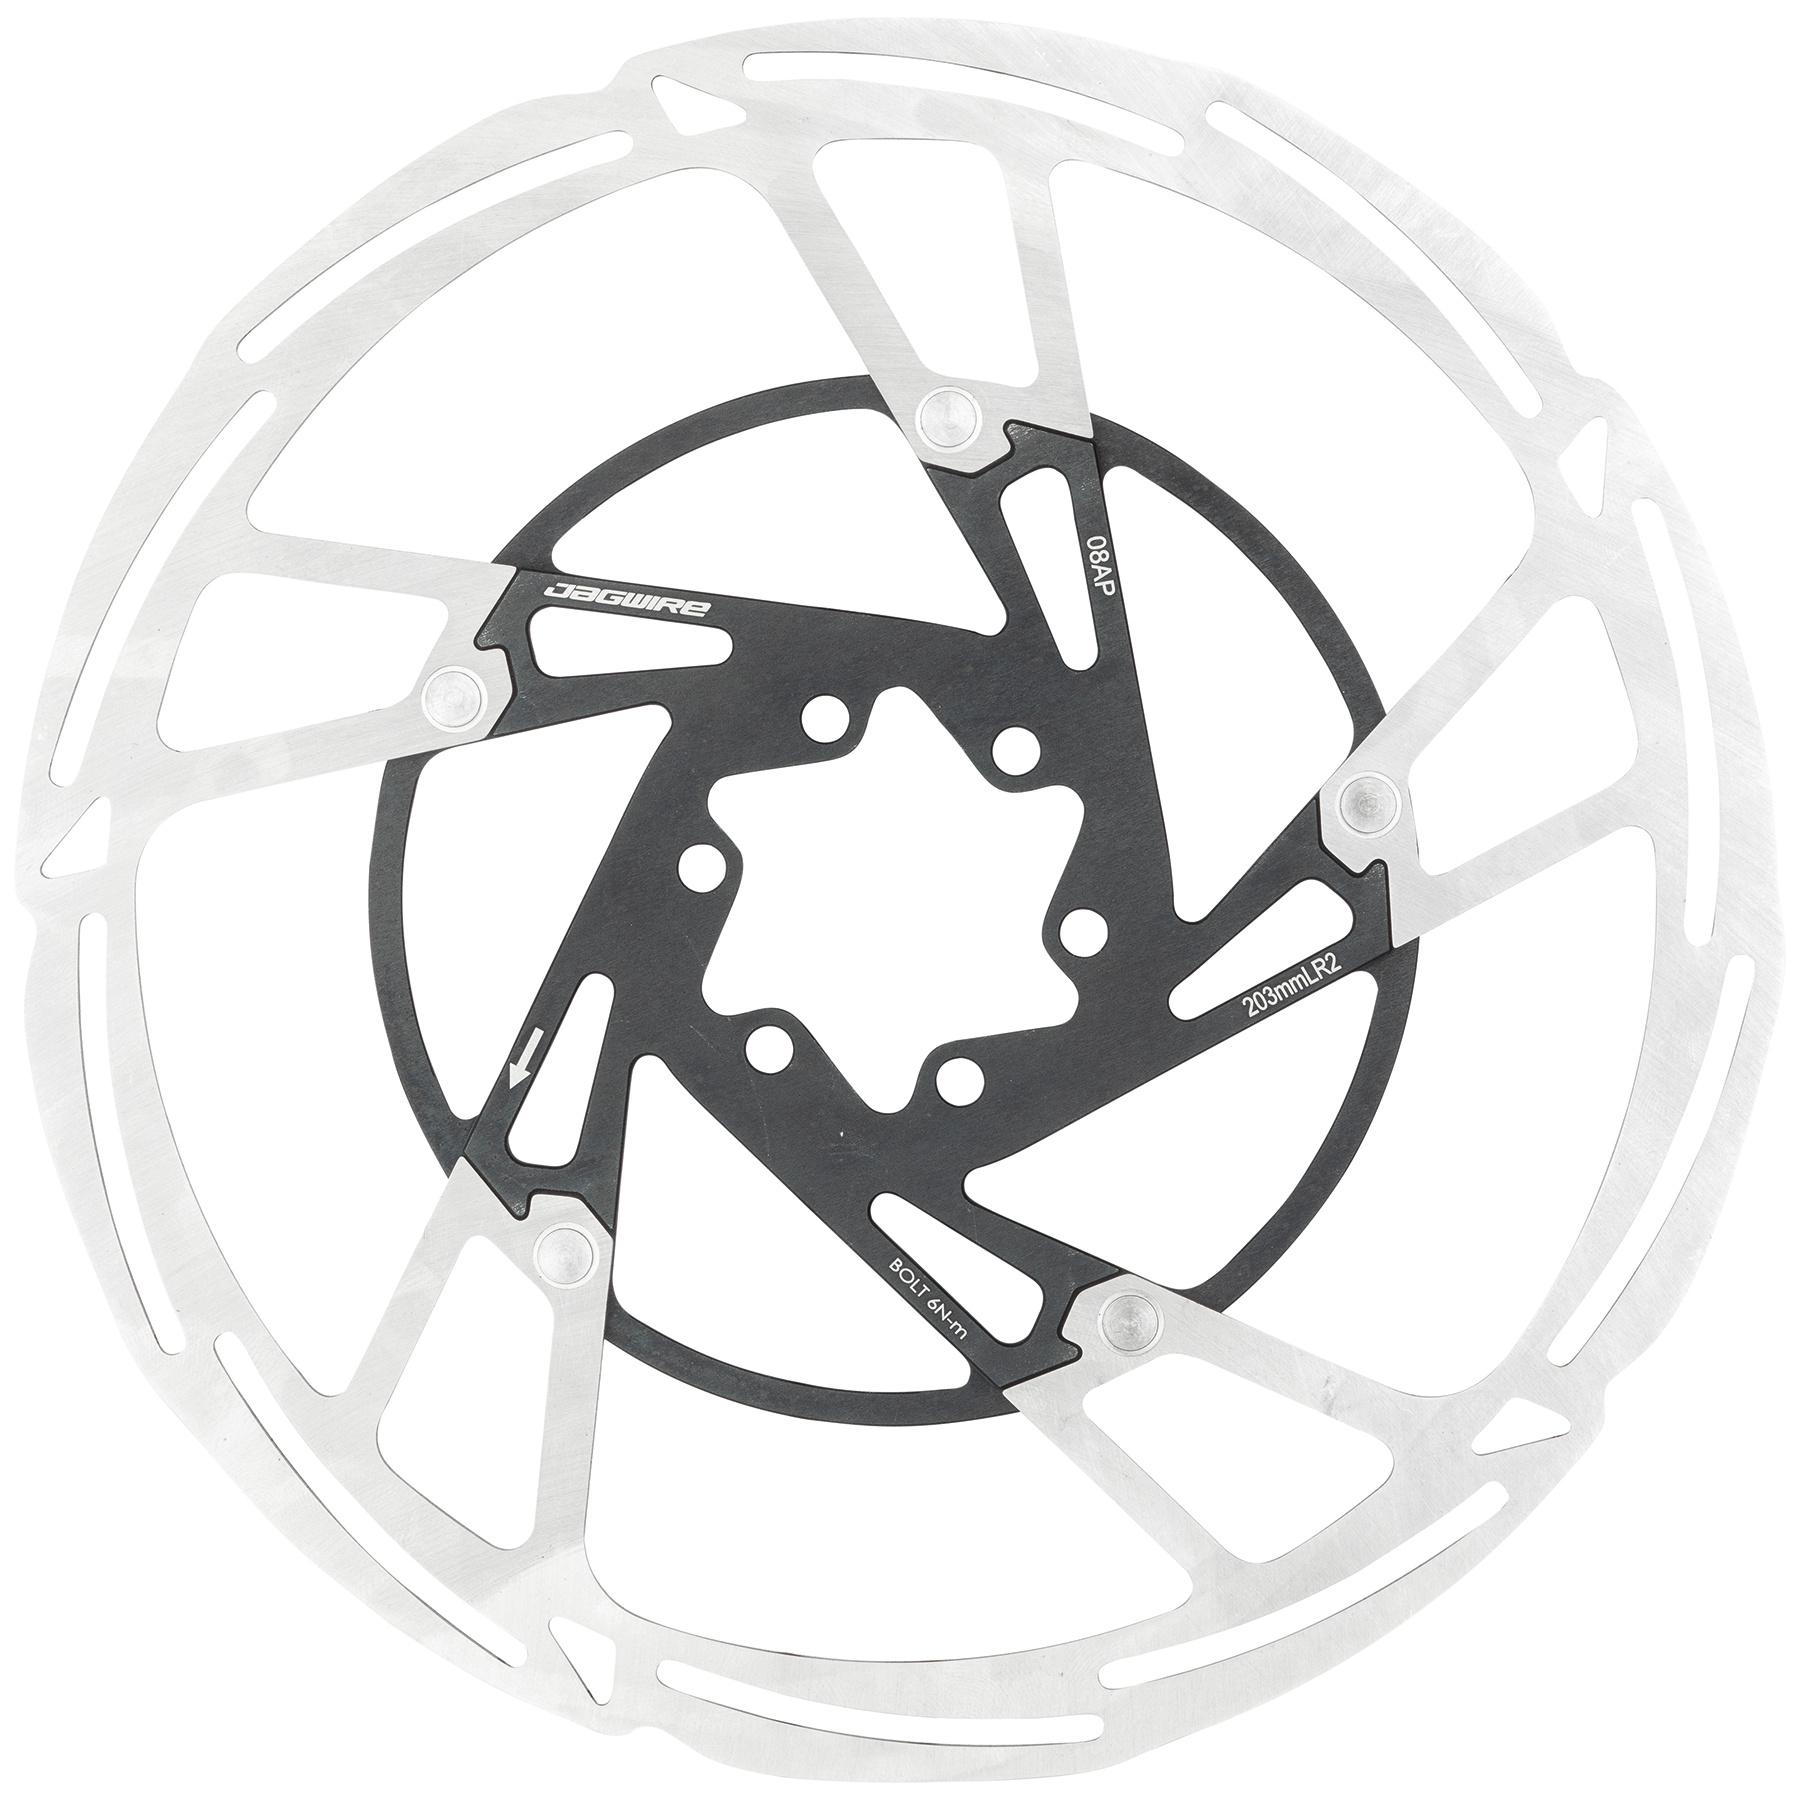 Jagwire Pro LR2 Bremsscheibe - 6-Loch